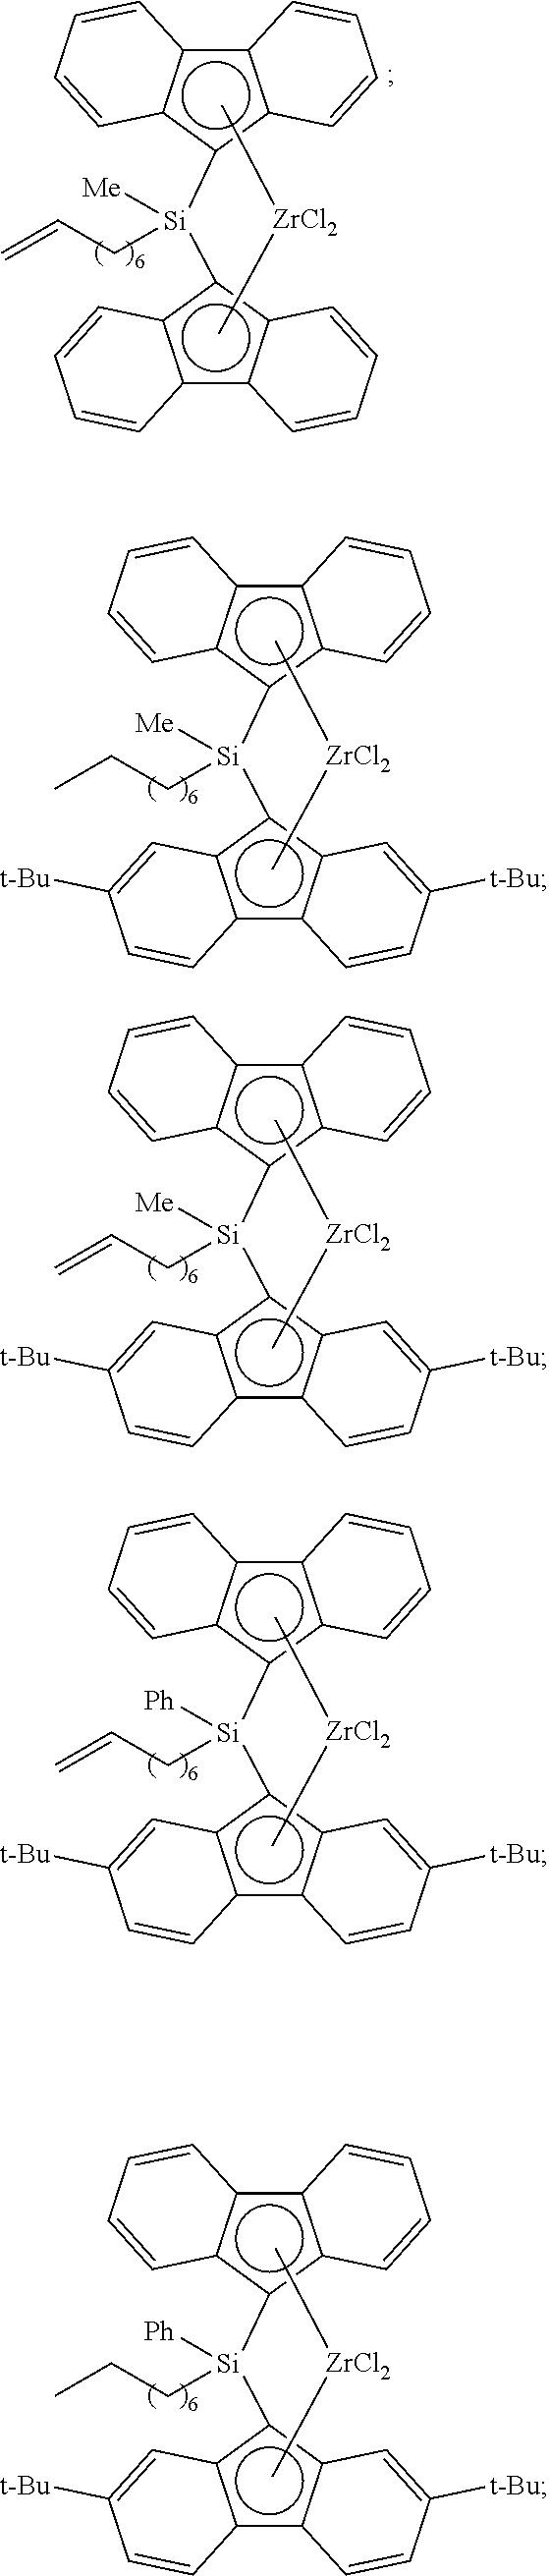 Figure US08501654-20130806-C00031